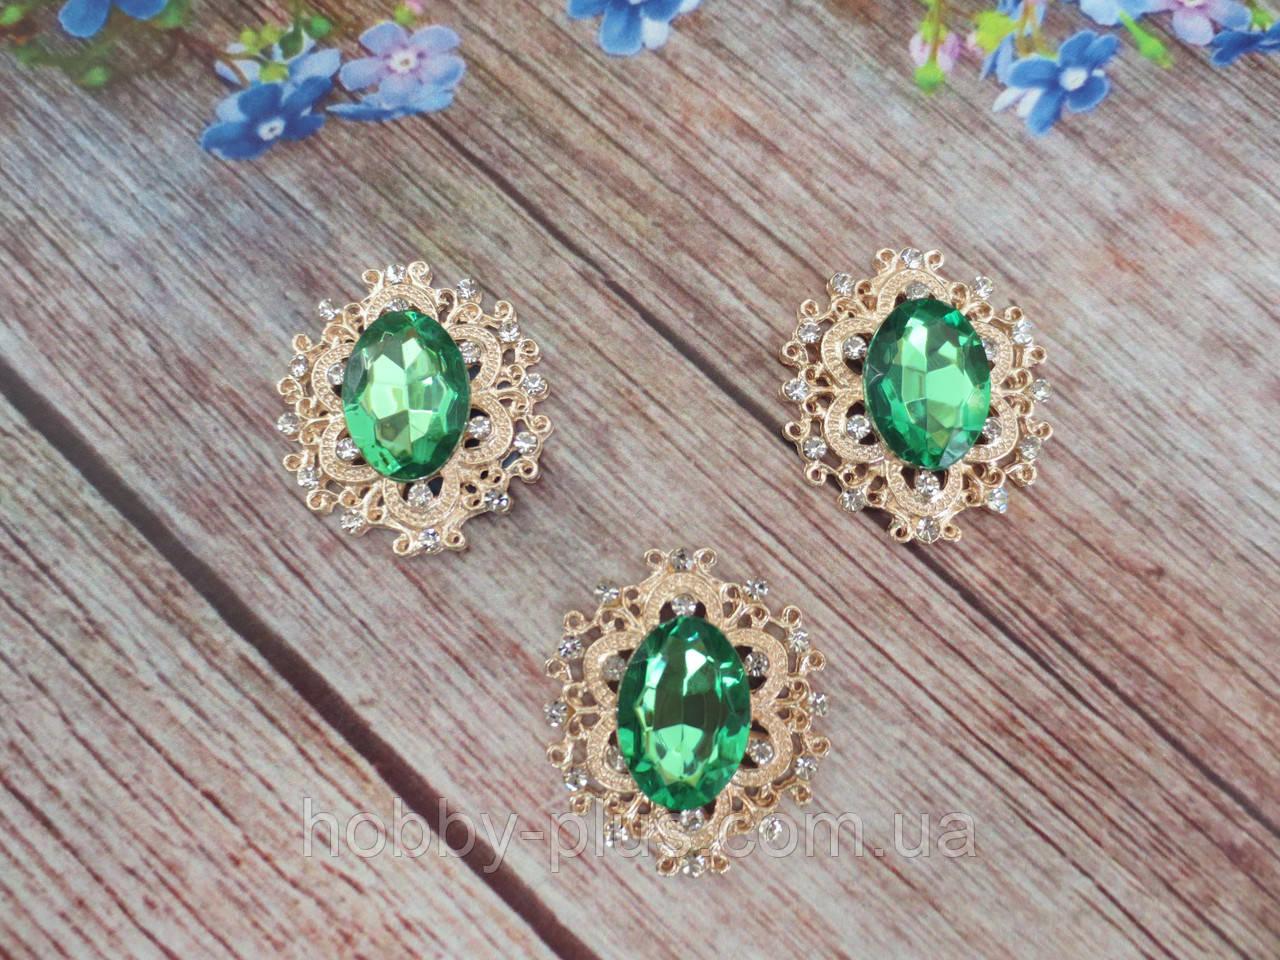 Металлический клеевой декор, 30х32 мм, цвет оправы светлое золото, цвет камня зеленый, 1 шт